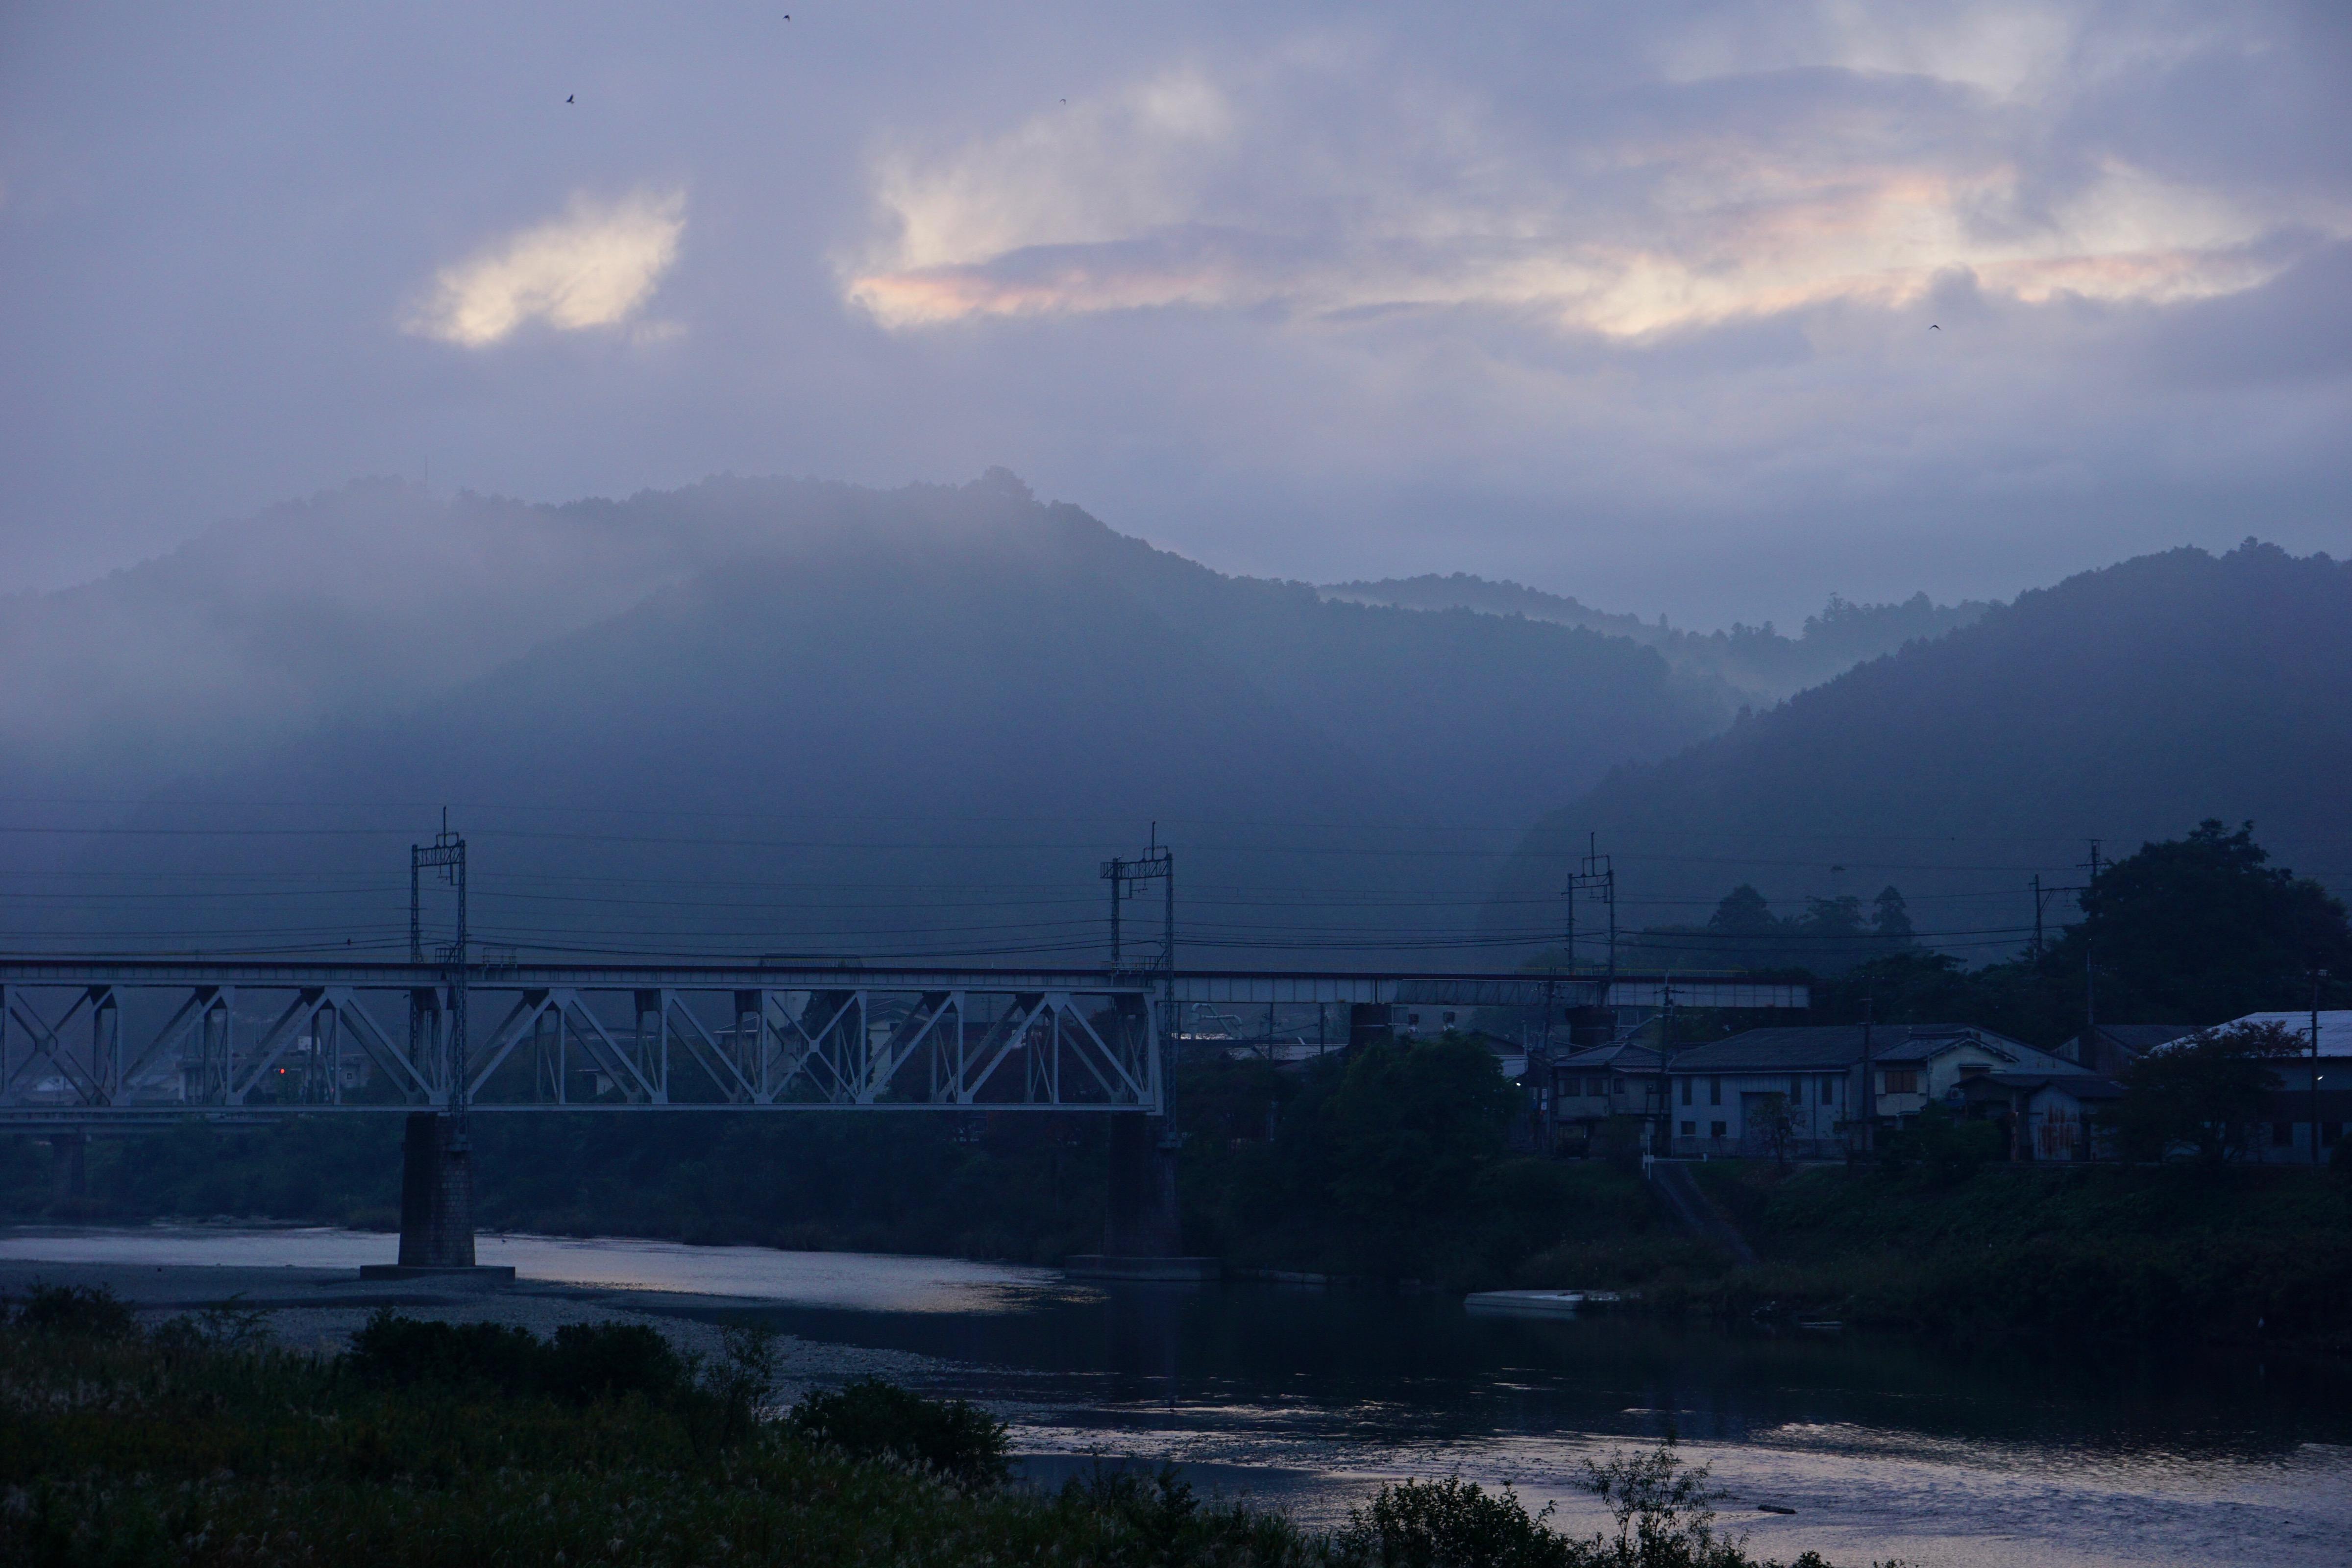 朝4時に起きて出かけました。吉野も朝霧に包まれてとても綺麗でした。